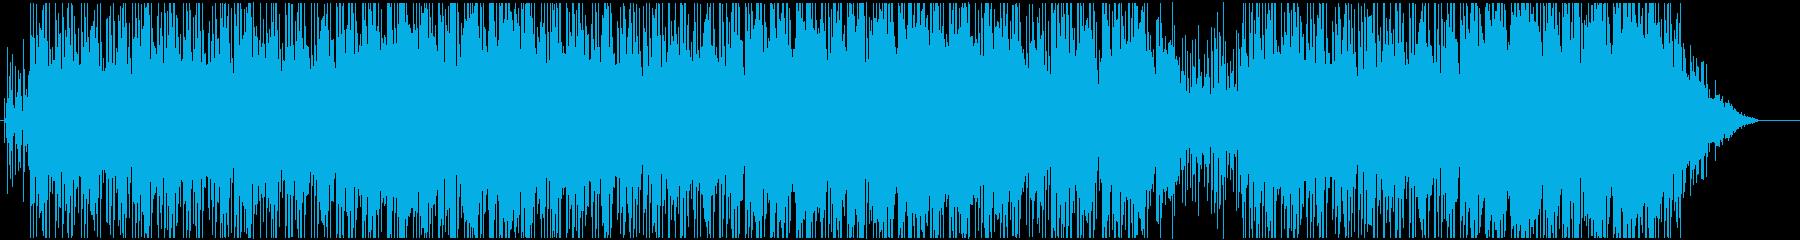 レゲェとヒップホップのクロスオーバーの再生済みの波形